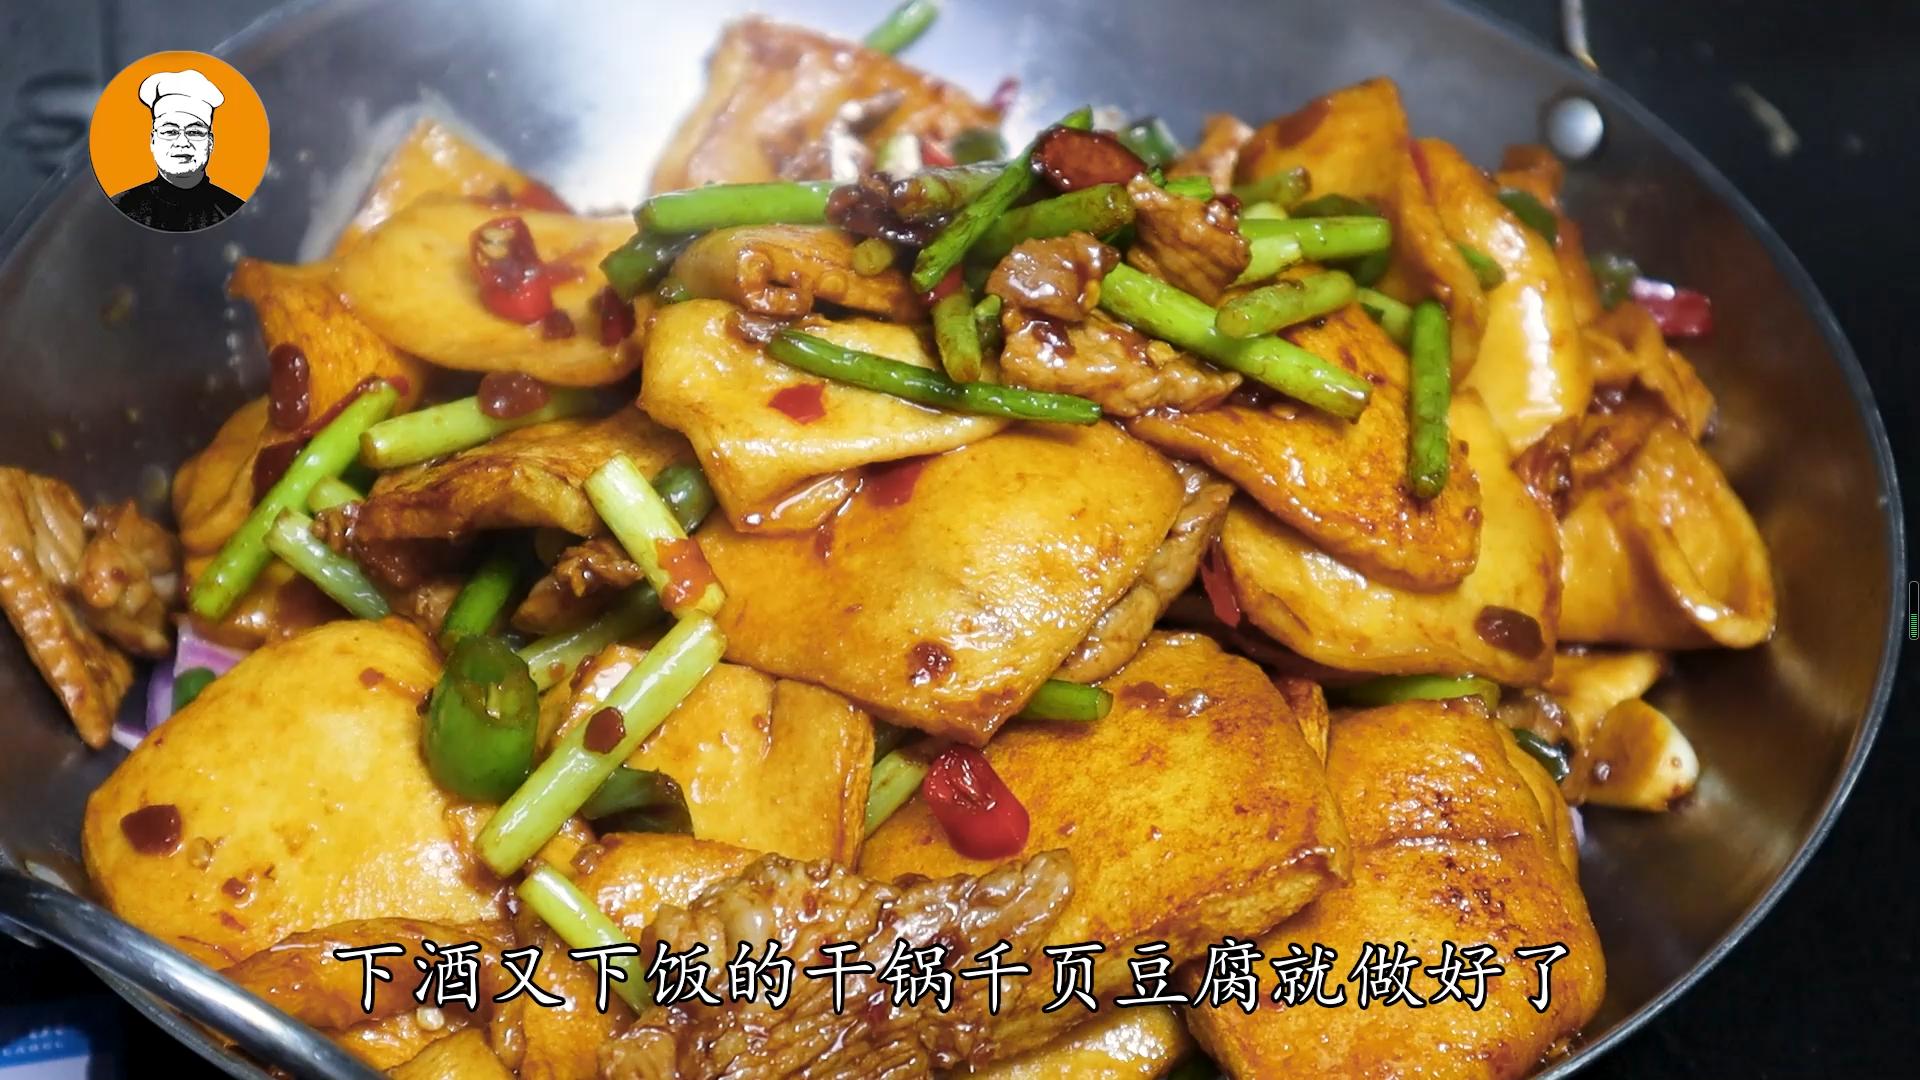 饭店卖38一份的干锅千页豆腐,大厨教你在家10块钱搞定,太简单了 美食做法 第6张